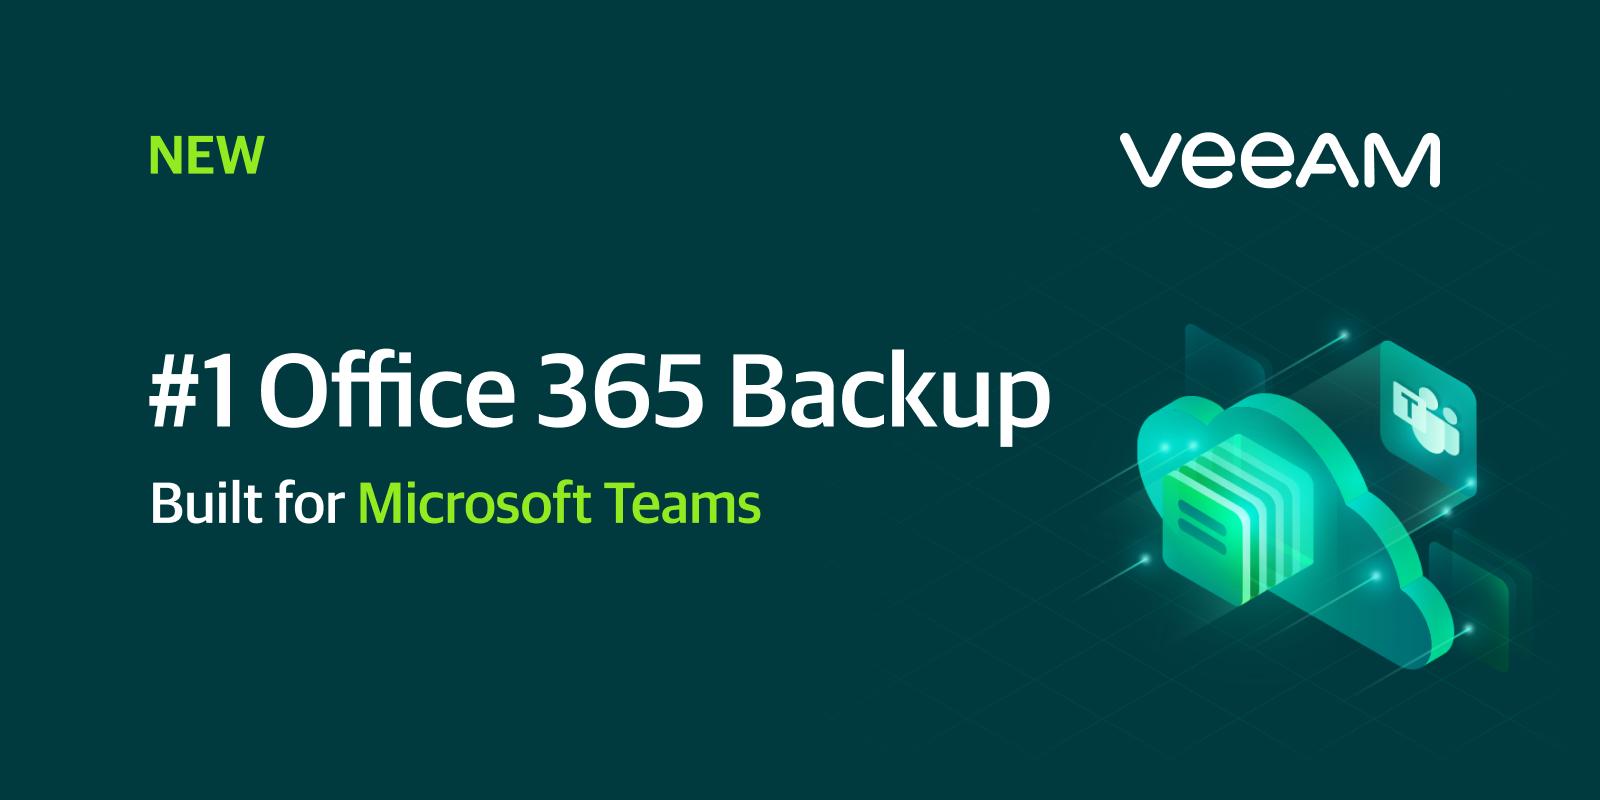 Veeam Backup za Microsoft Office 365 v5 sedaj podpira tudi backup za Microsoft Teams